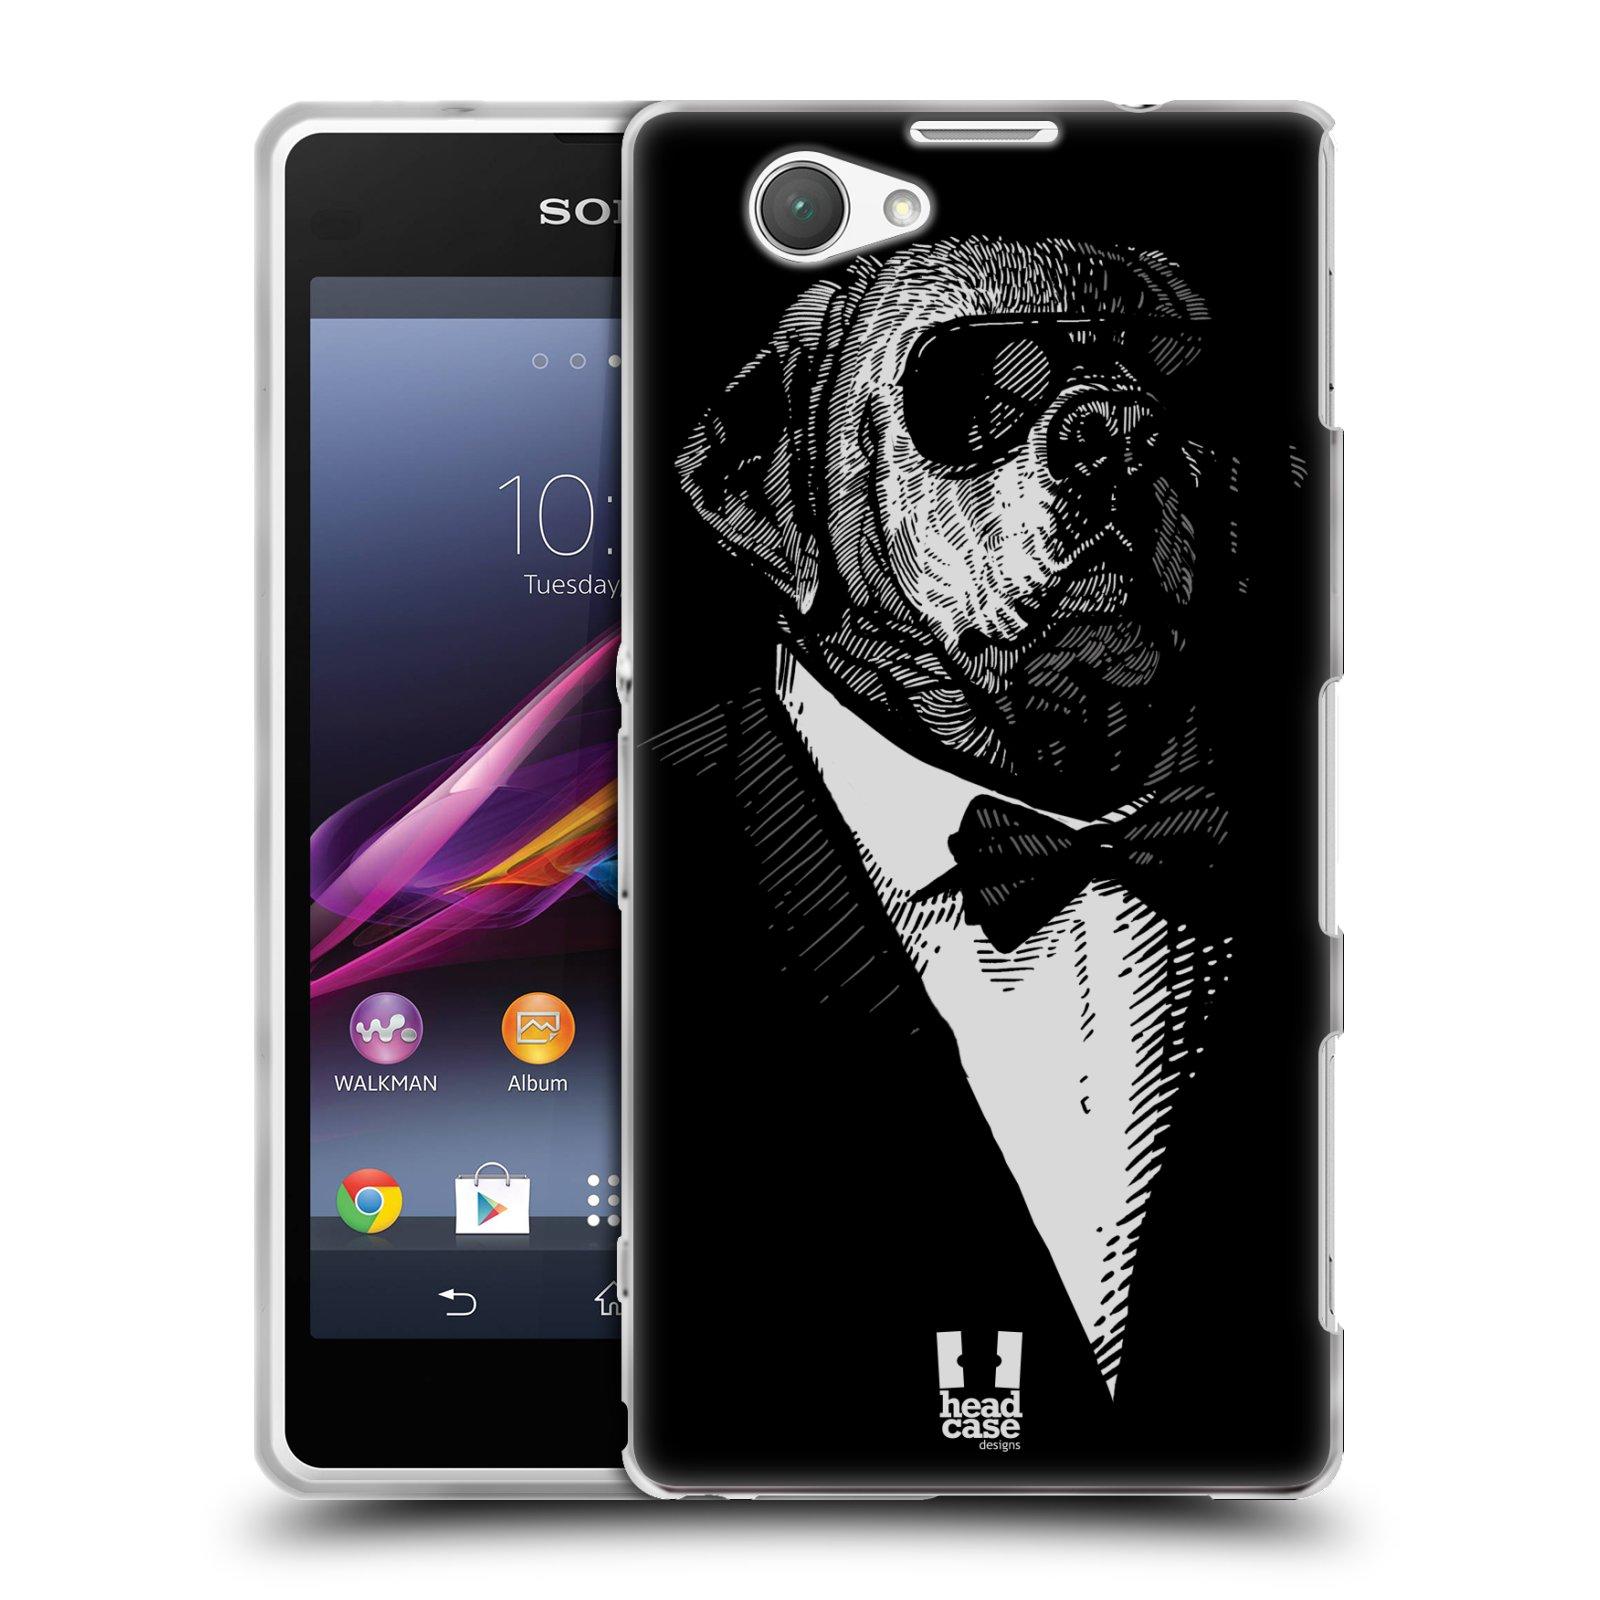 Silikonové pouzdro na mobil Sony Xperia Z1 Compact D5503 HEAD CASE PSISKO V KVÁDRU (Silikonový kryt či obal na mobilní telefon Sony Xperia Z1 Compact)